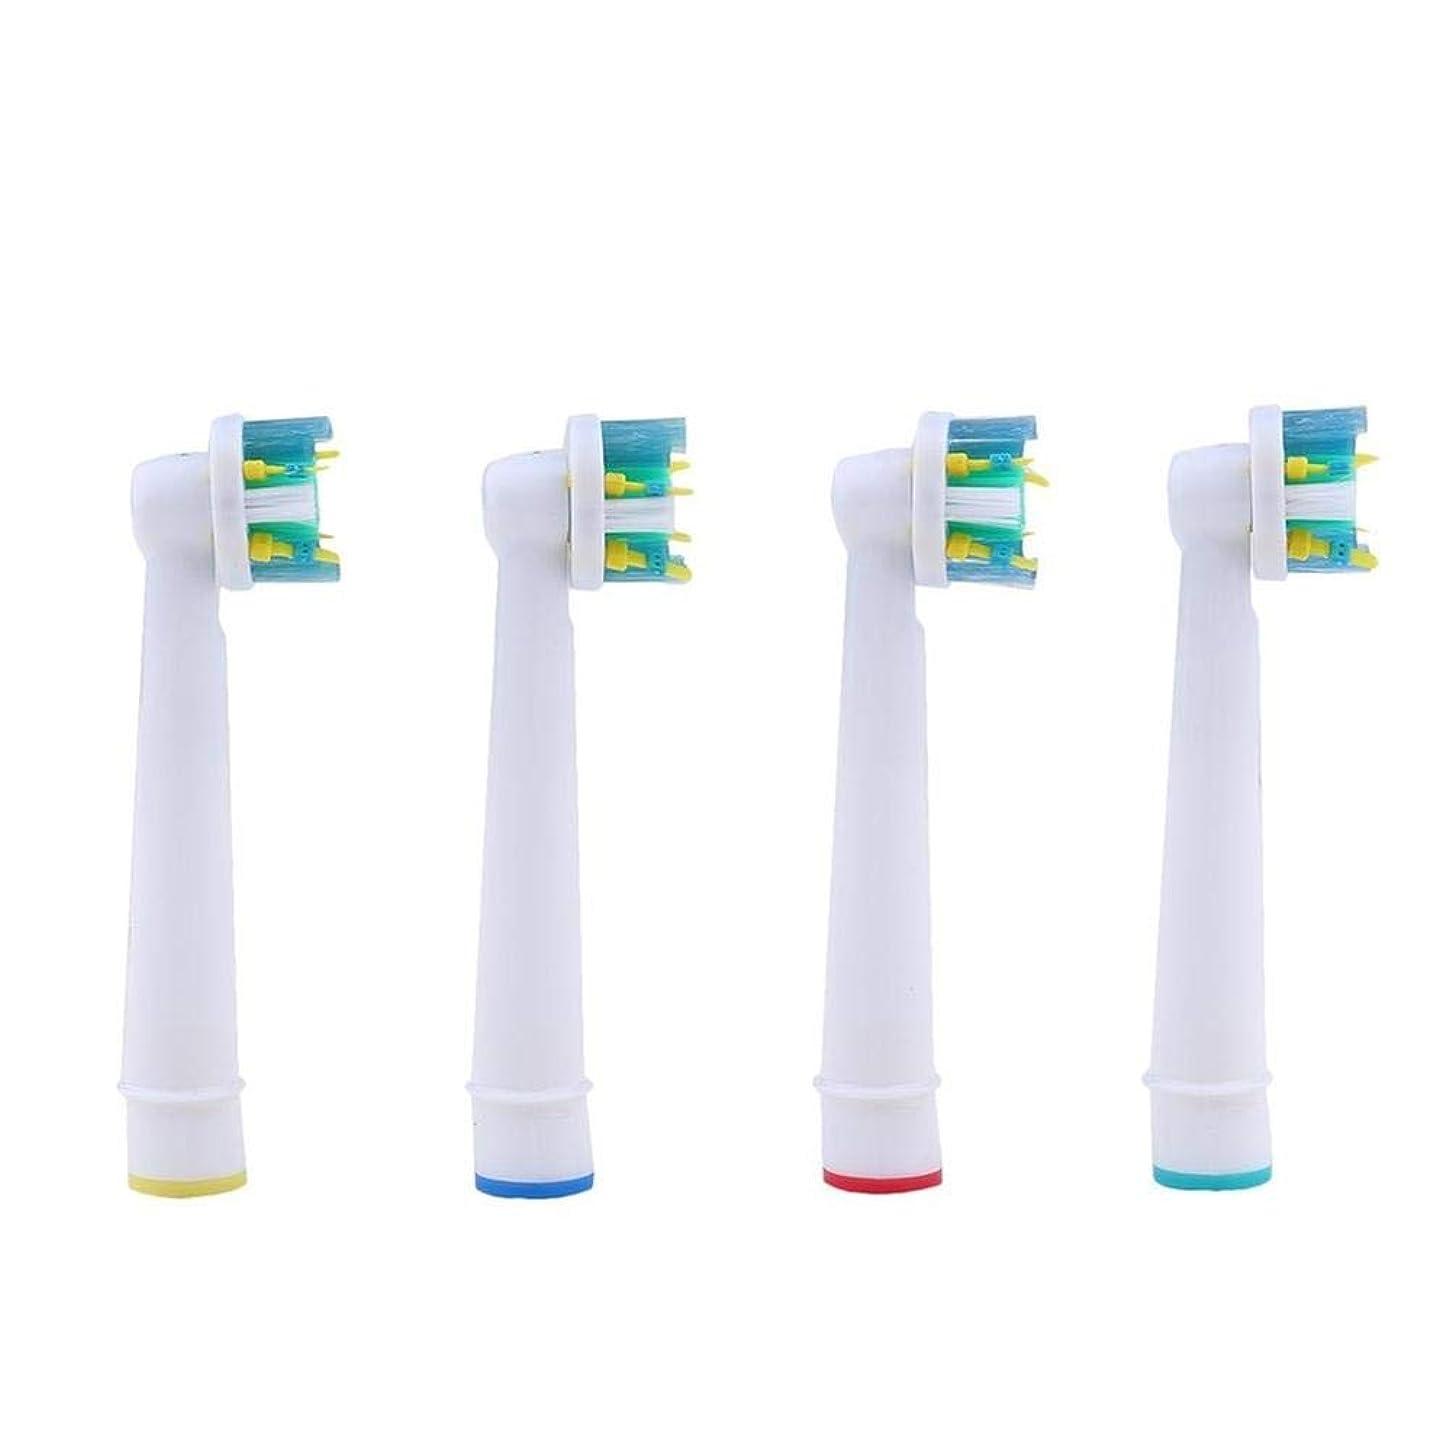 一回布手綱Oral-B電動歯ブラシ 歯ブラシヘッド交換 交換用ブラウン マルチアクションブラシ OralB FLOSS ACTIONのために適した 汎用互換品 4本/セット